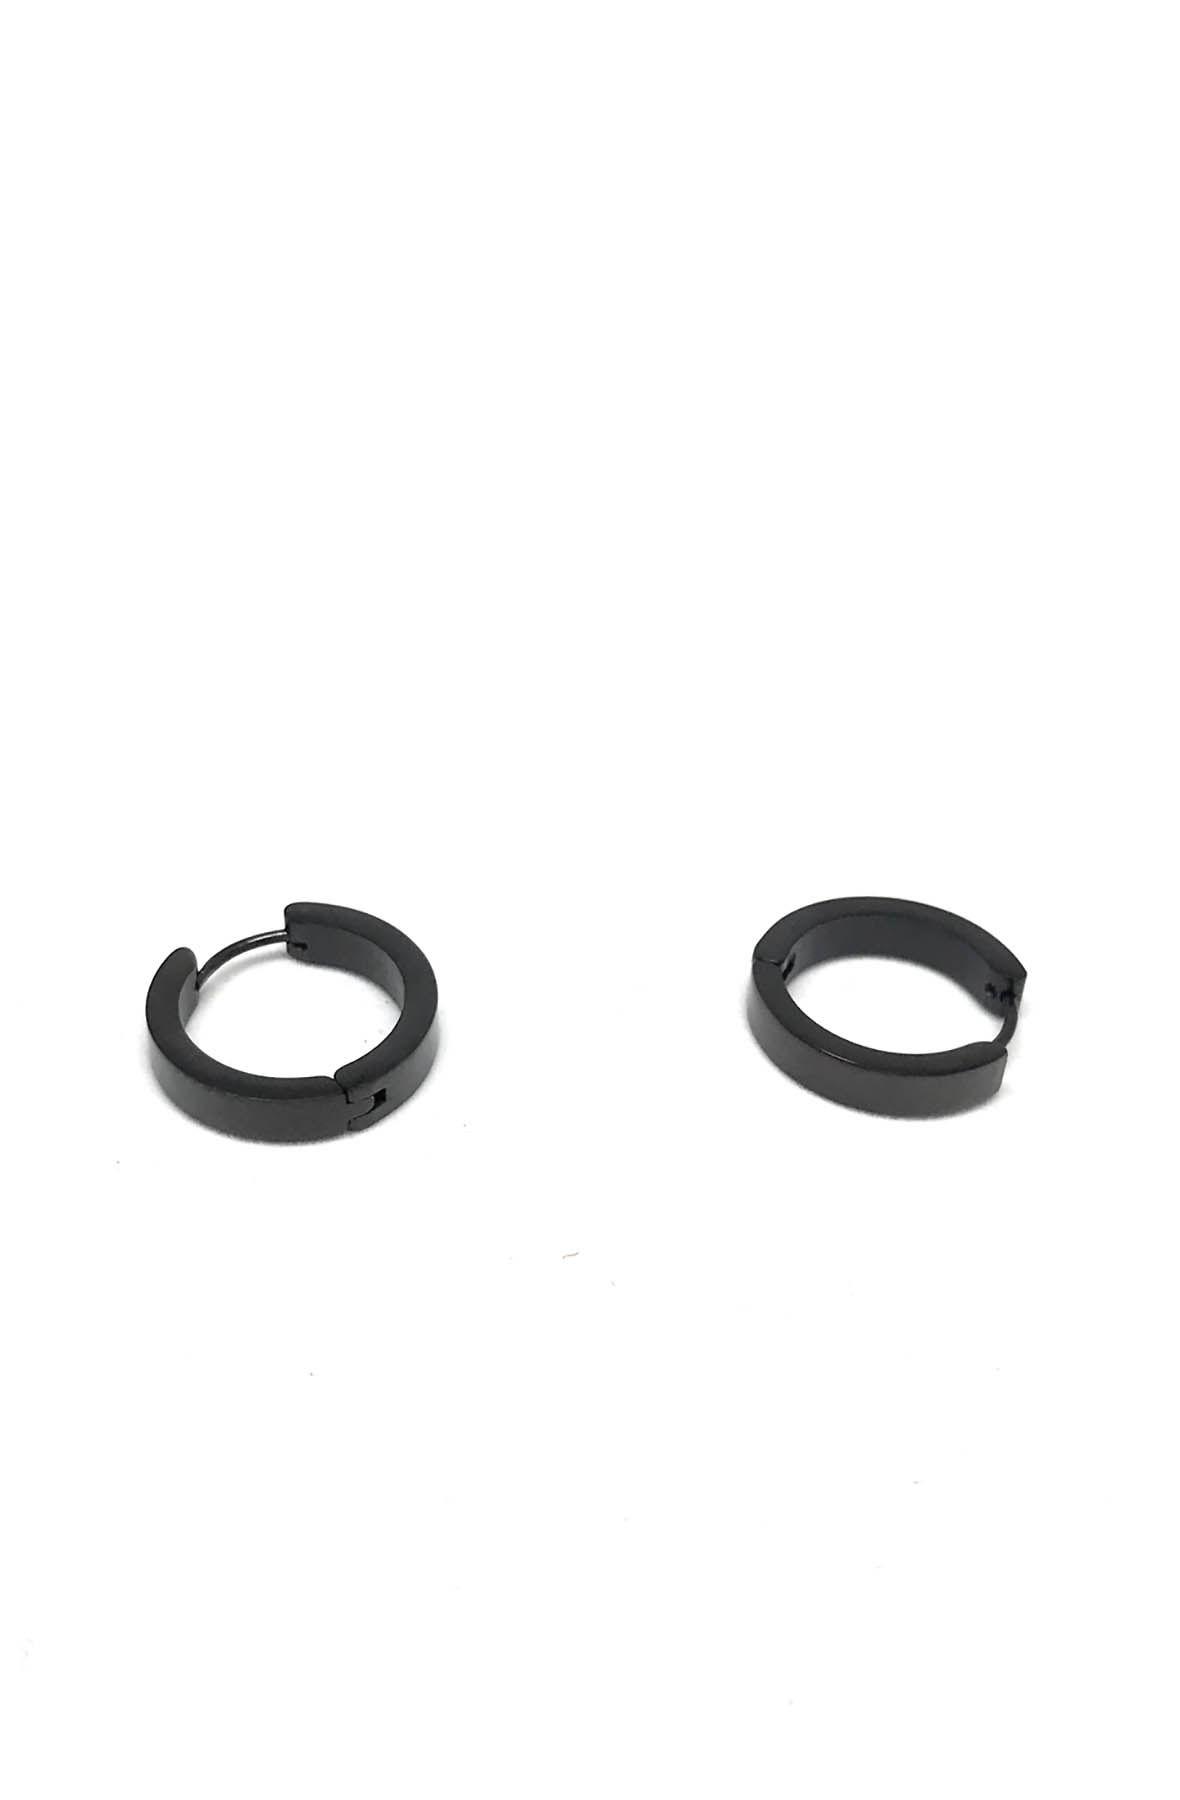 Stainless Steel Black Hoop Earrings Big